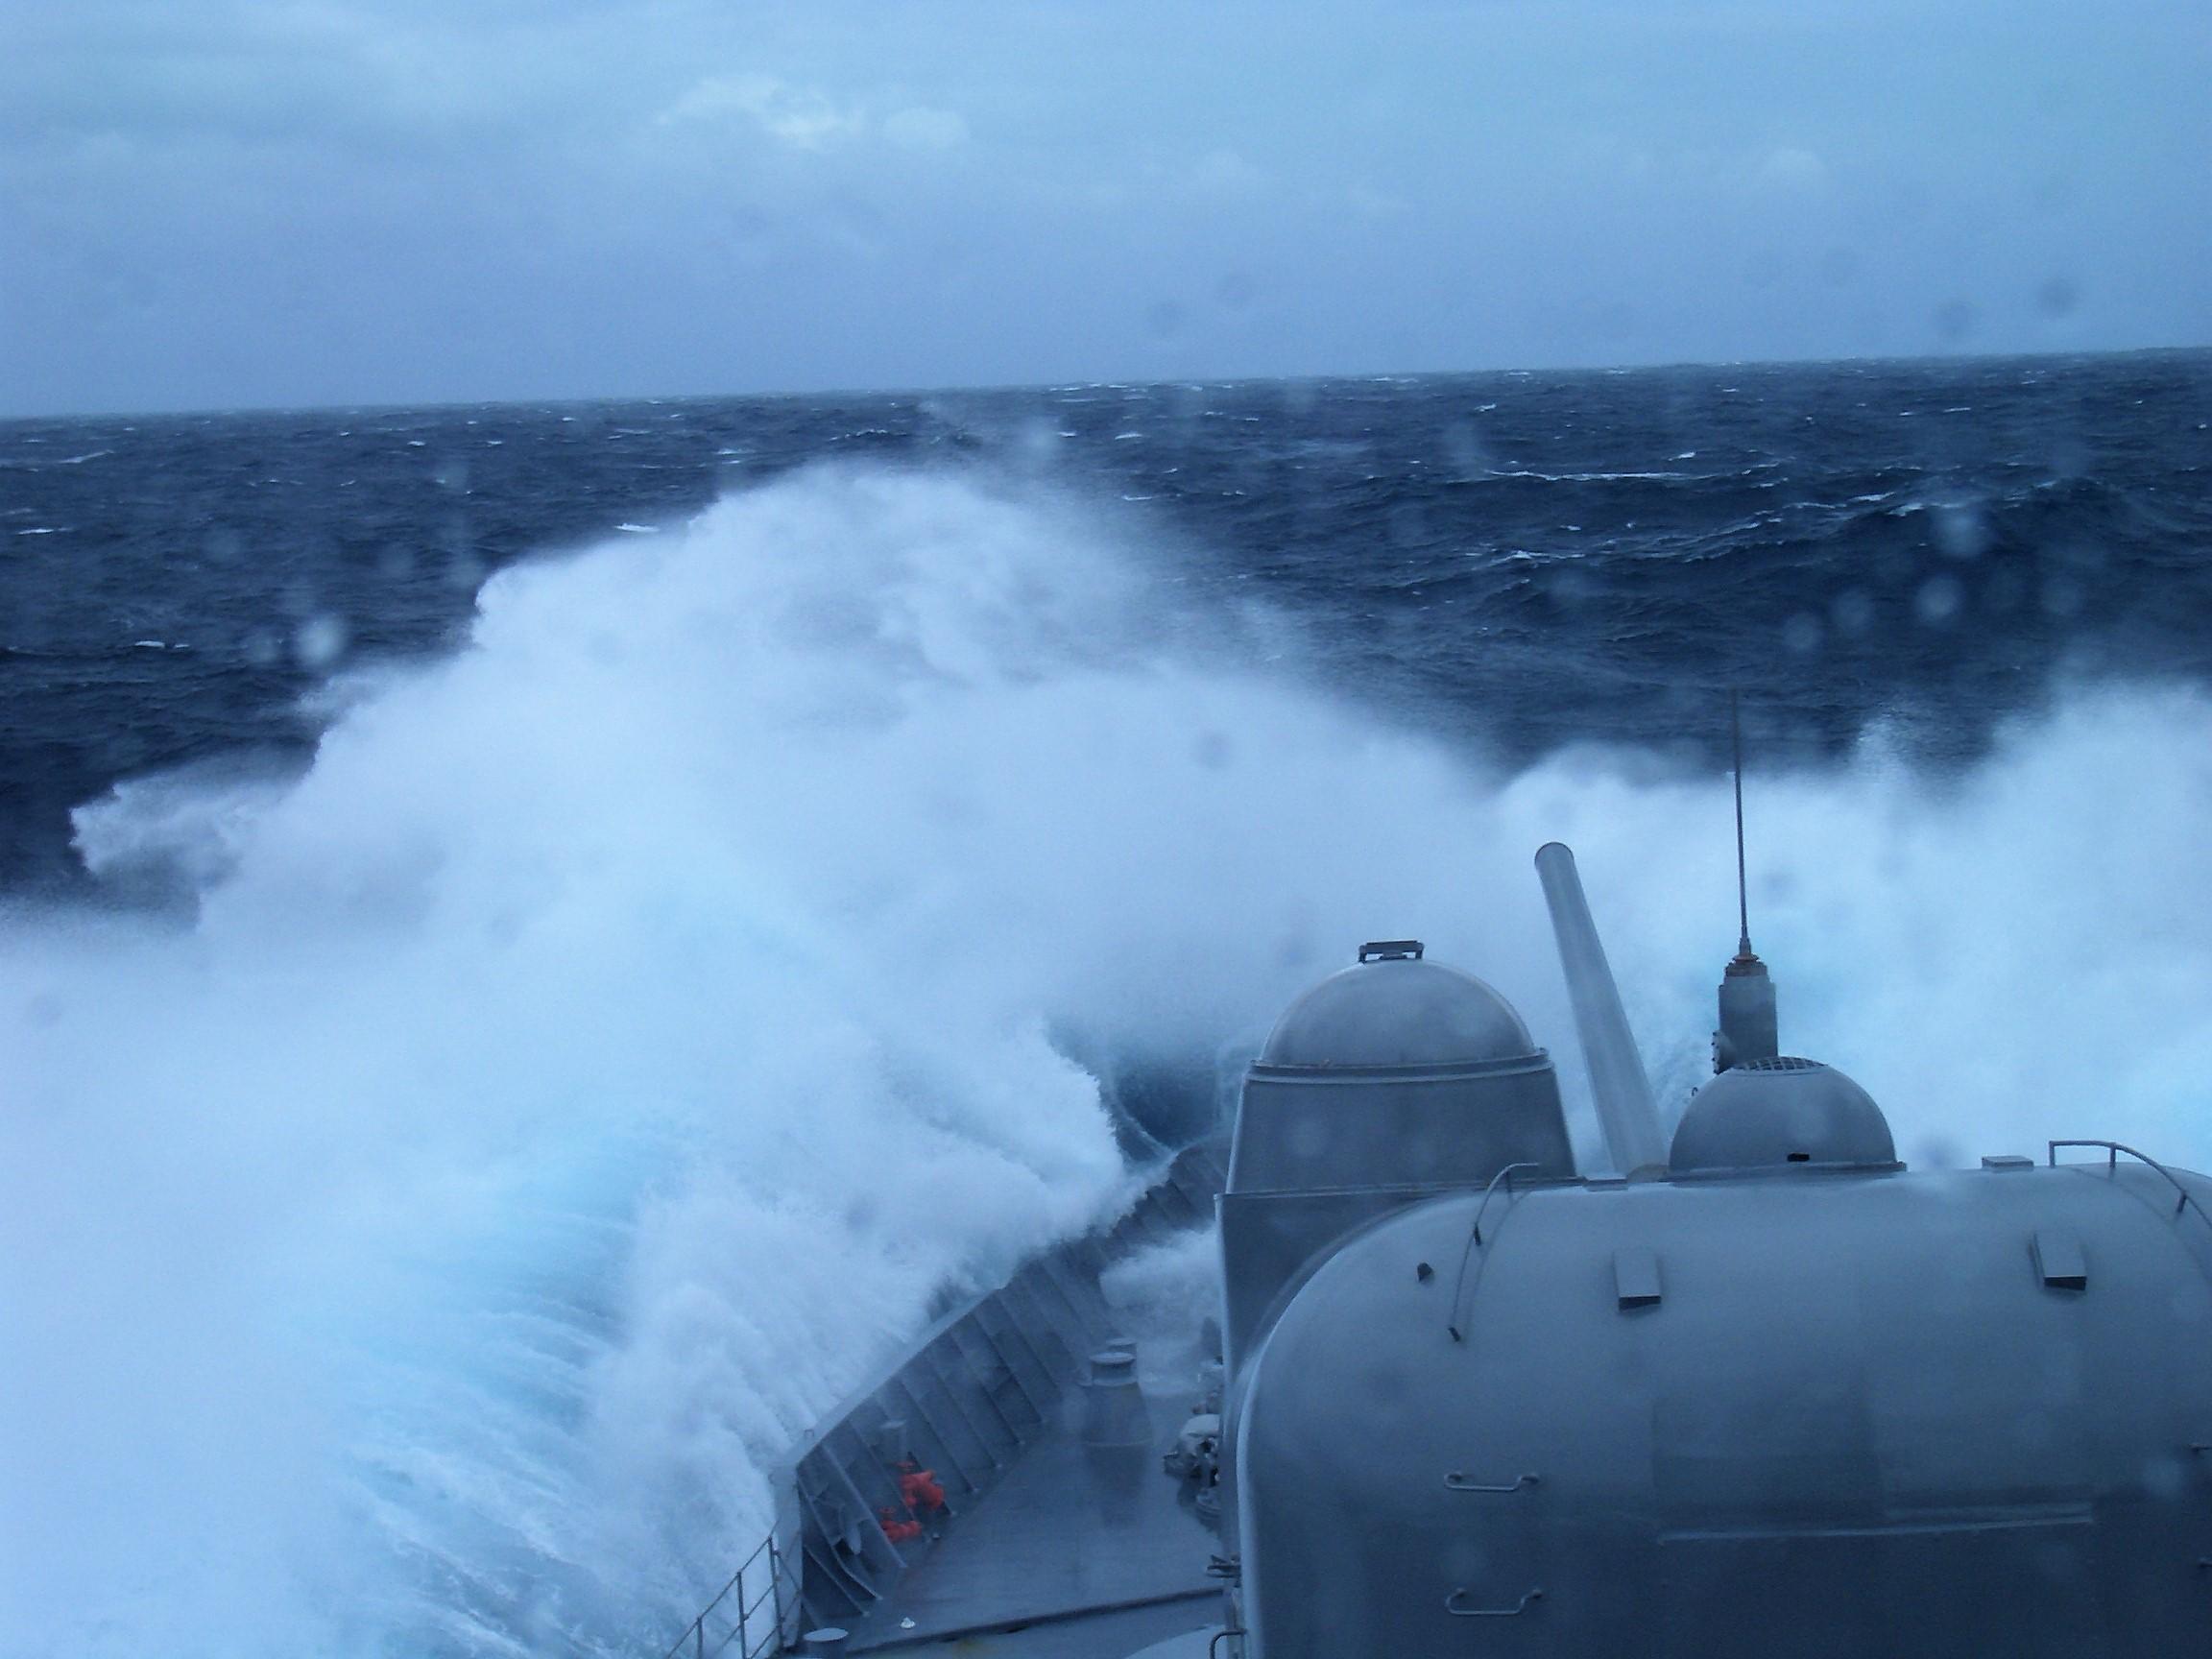 護衛艦乗員の皆様、ご愁傷様です...三度週末に台風19号襲来です!!~令和初の観艦式も一部中止~